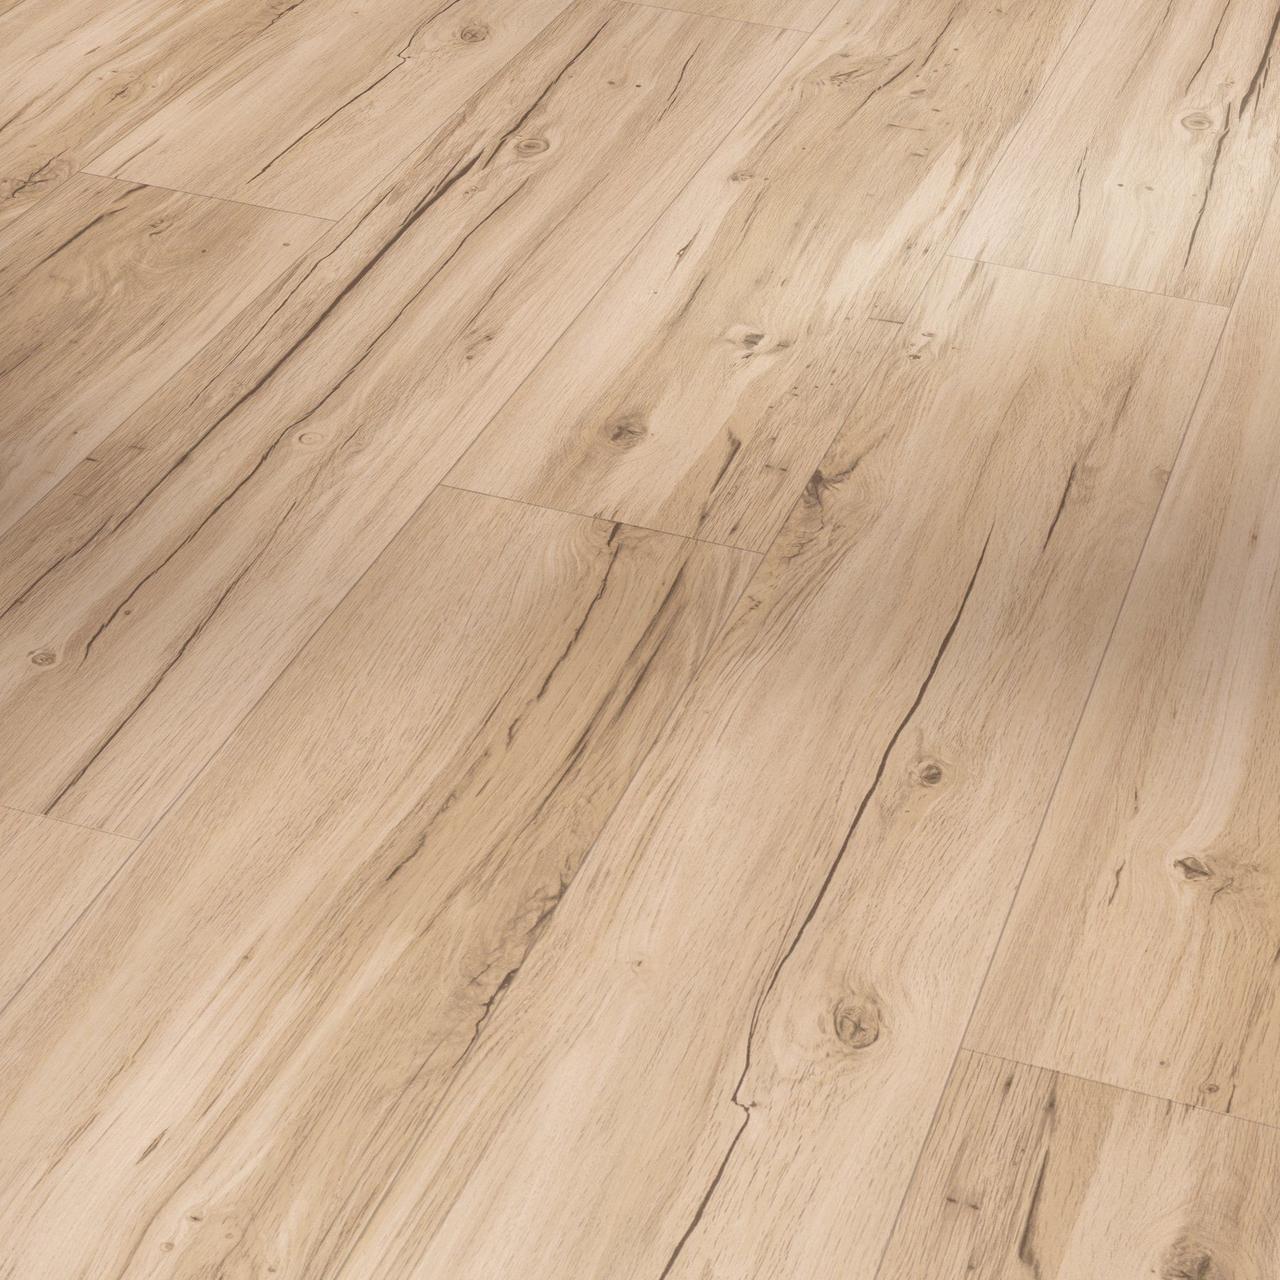 Вінілові покриття Parador Сосна біле масло пиляна (white Pine oiled rough-sawn texture)